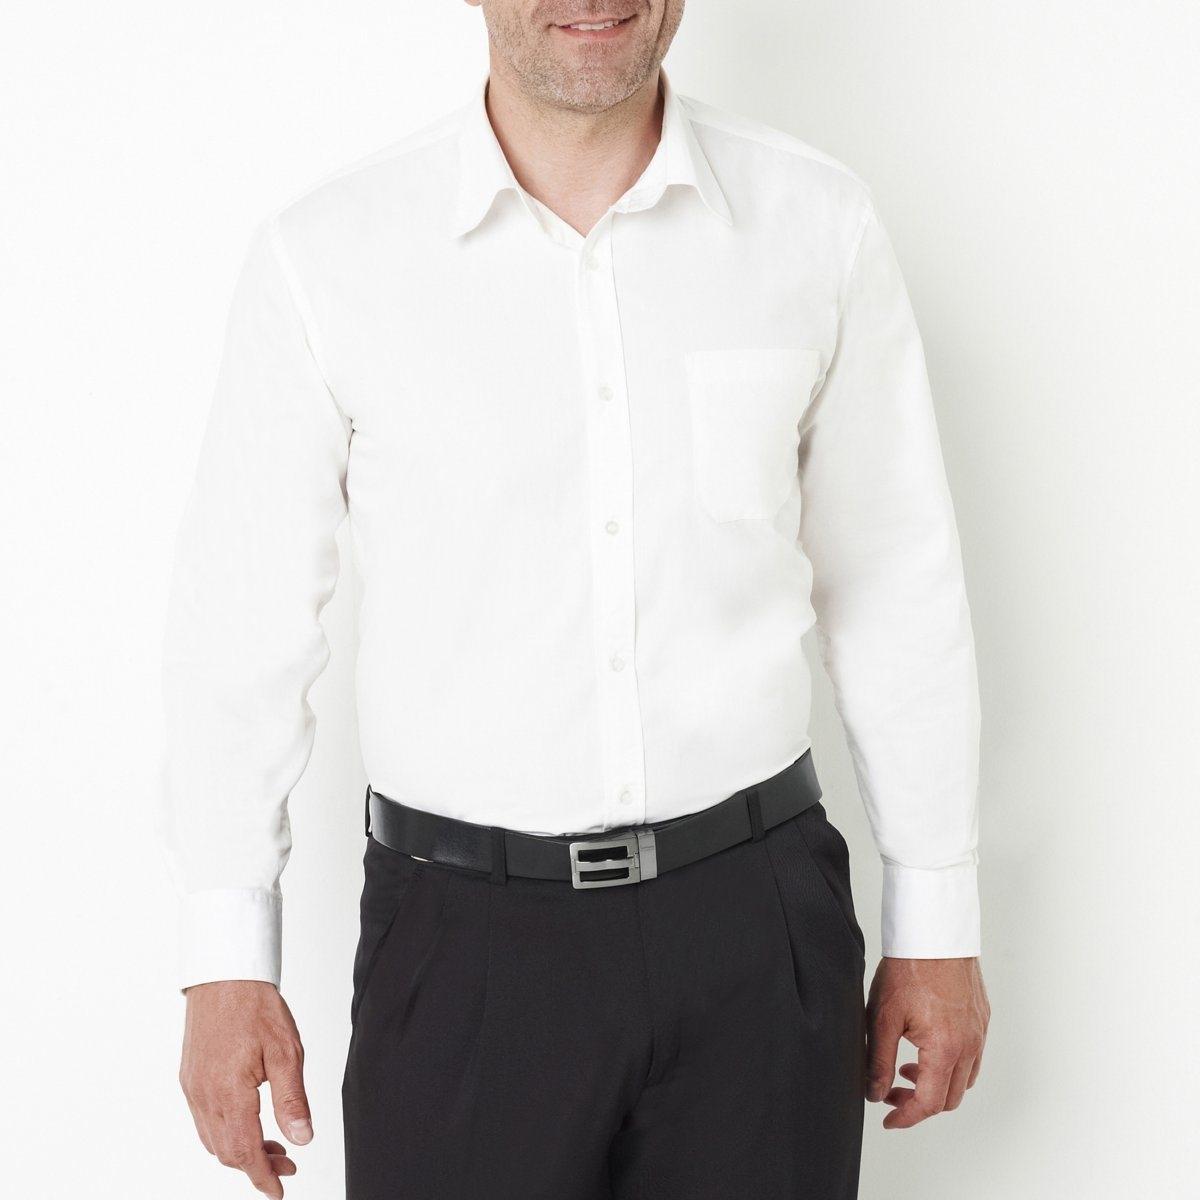 Рубашка из поплина с длинными рукавами, рост 2Рубашка с длинными рукавами, рост 2.1 накладной нагрудный карман. Складка с полоской ткани на спинке. Из поплина, 100% хлопок. Рост 2 (при росте 177-187 см). Рост 2 (при росте 177-187 см) : - длина рубашки спереди : 85 см для размера 41/42 и 92 см для размера 55/56.- длина рукавов : 65 смДанная модель представлена также для роста 1 (при росте до 176 см) и 3 (при росте от 187 см) и с короткими рукавами.<br><br>Цвет: белый,голубой,синий в полоску,синий морской,черный<br>Размер: 51/52.47/48.51/52.41/42.43/44.43/44.55/56.43/44